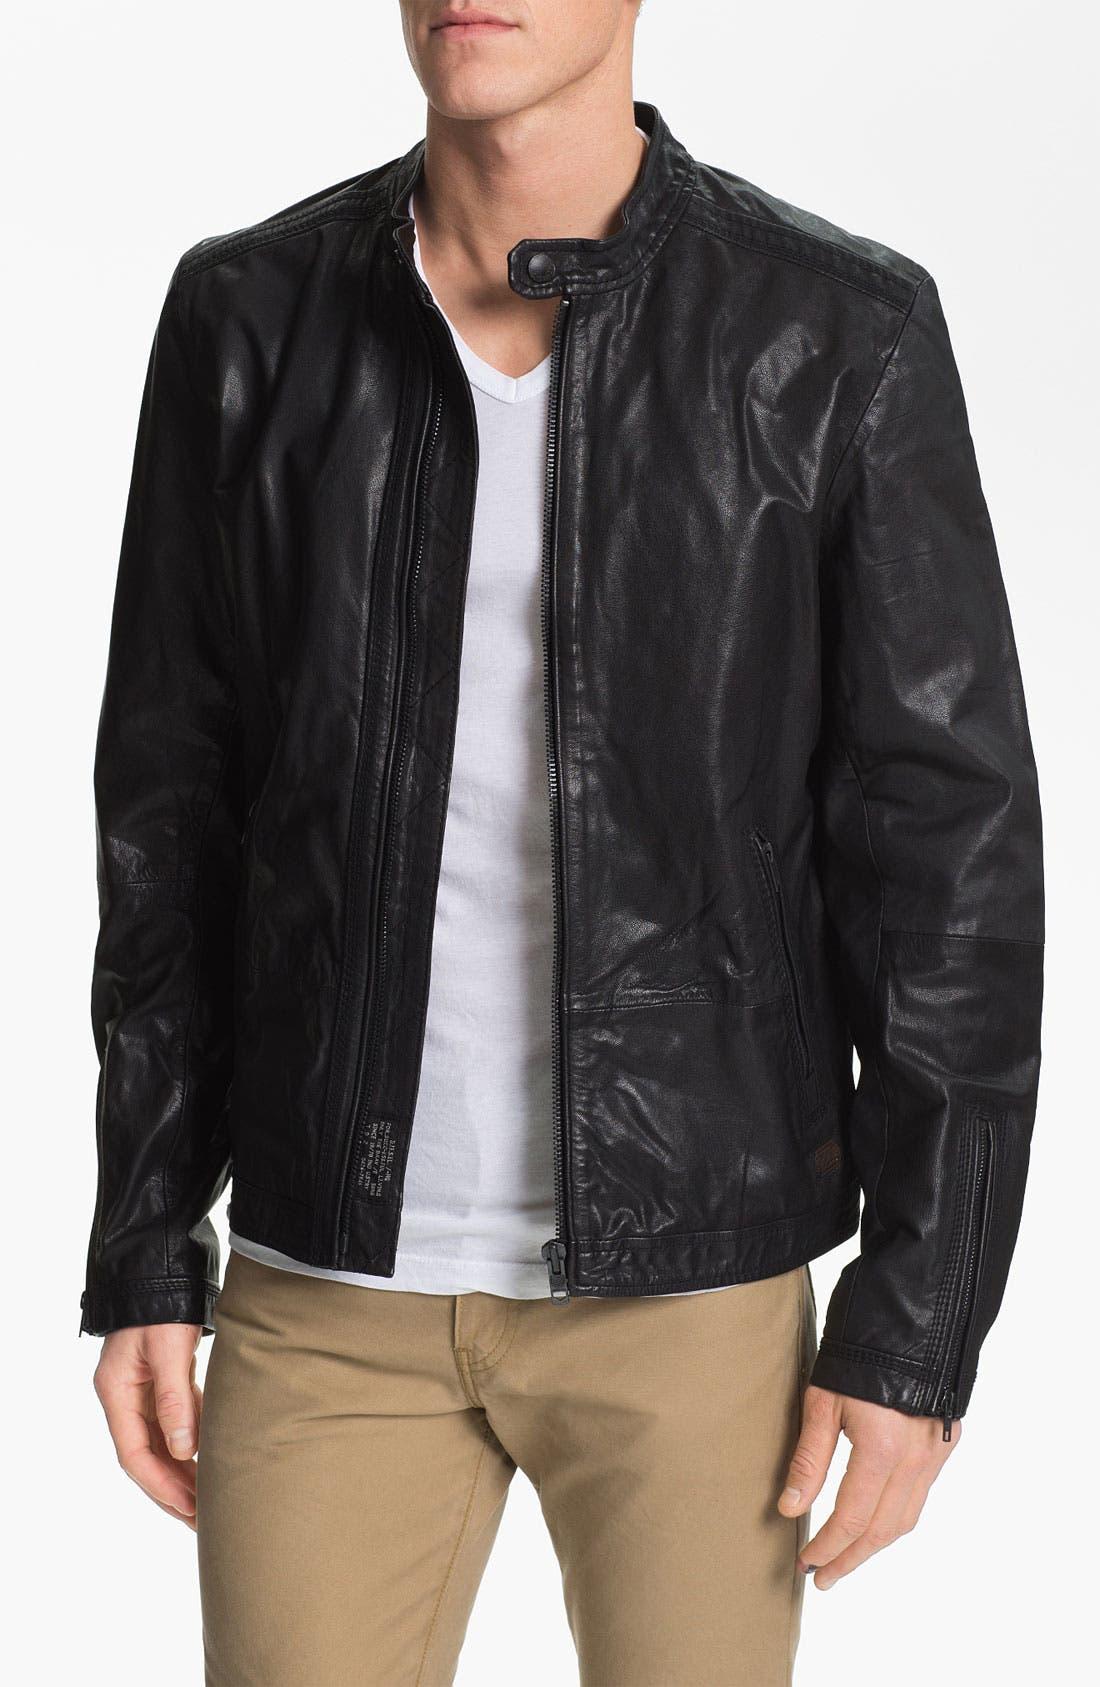 Main Image - DIESEL® 'Lagnum' Leather Racing Jacket